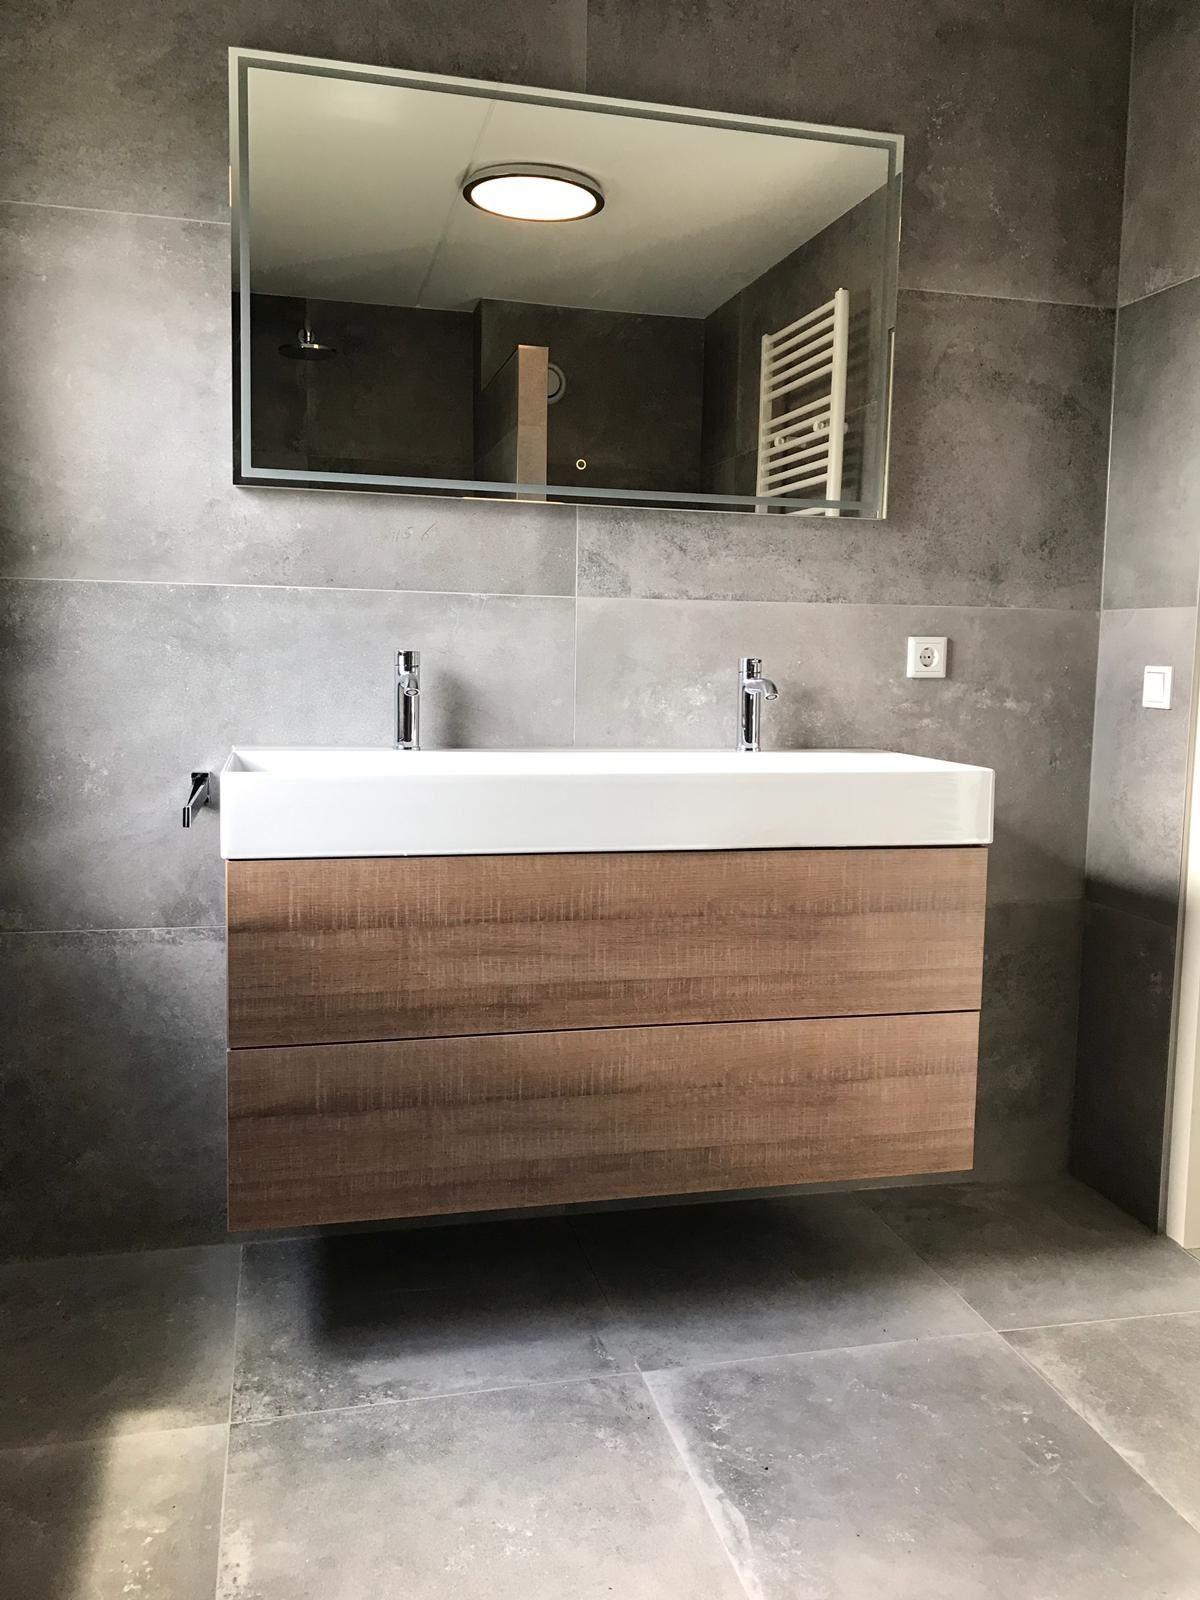 Prachtige betonlook badkamer gerealiseerd #bathroom #tiles #badkamerinspiratie